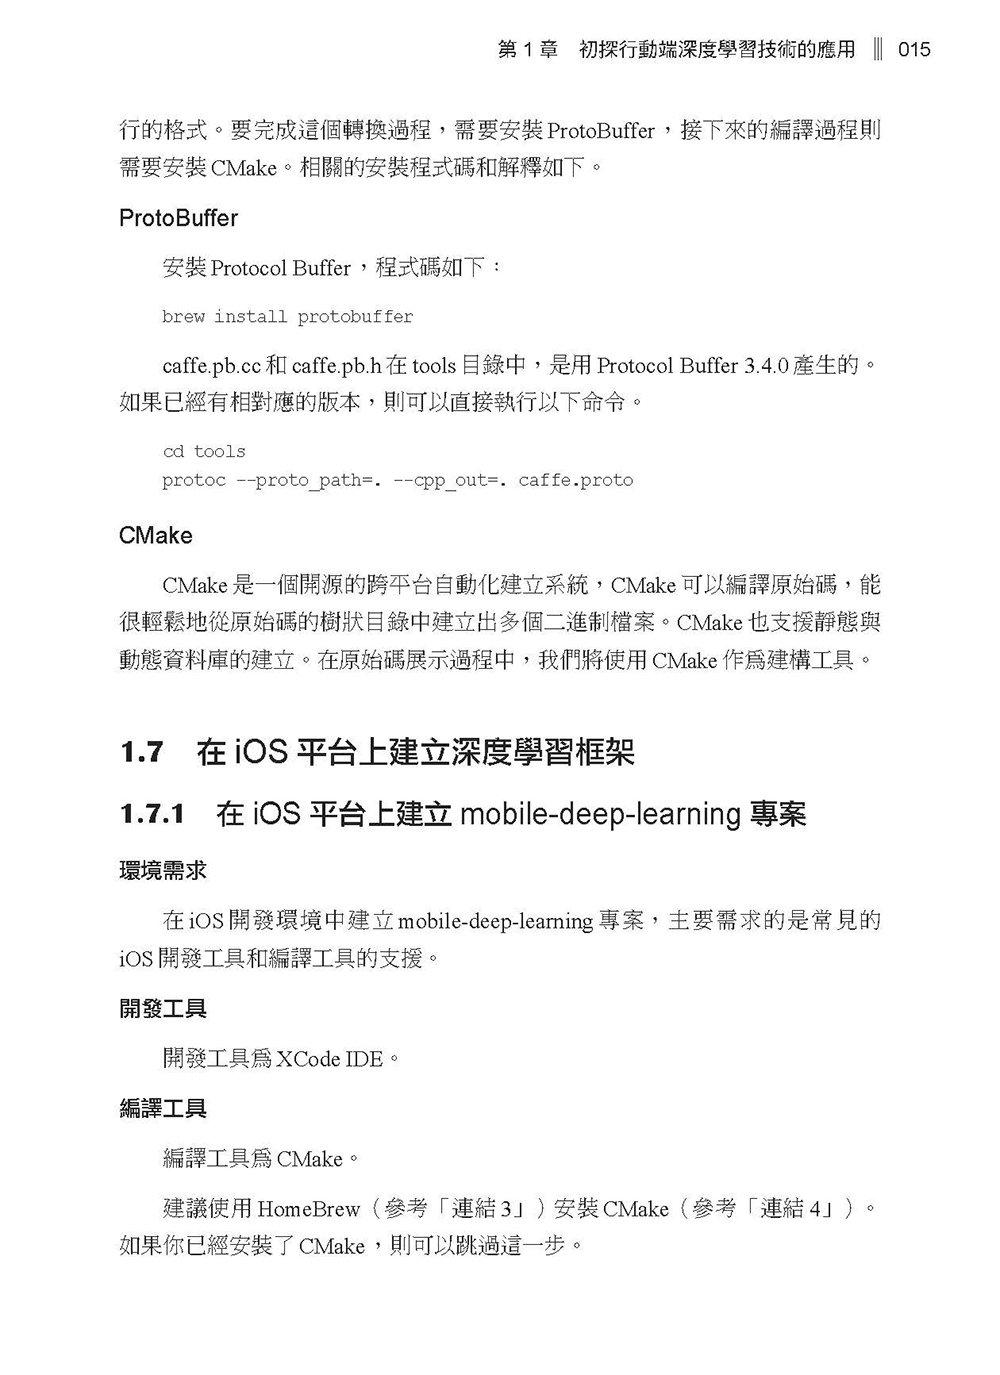 行動裝置深度學習-preview-16